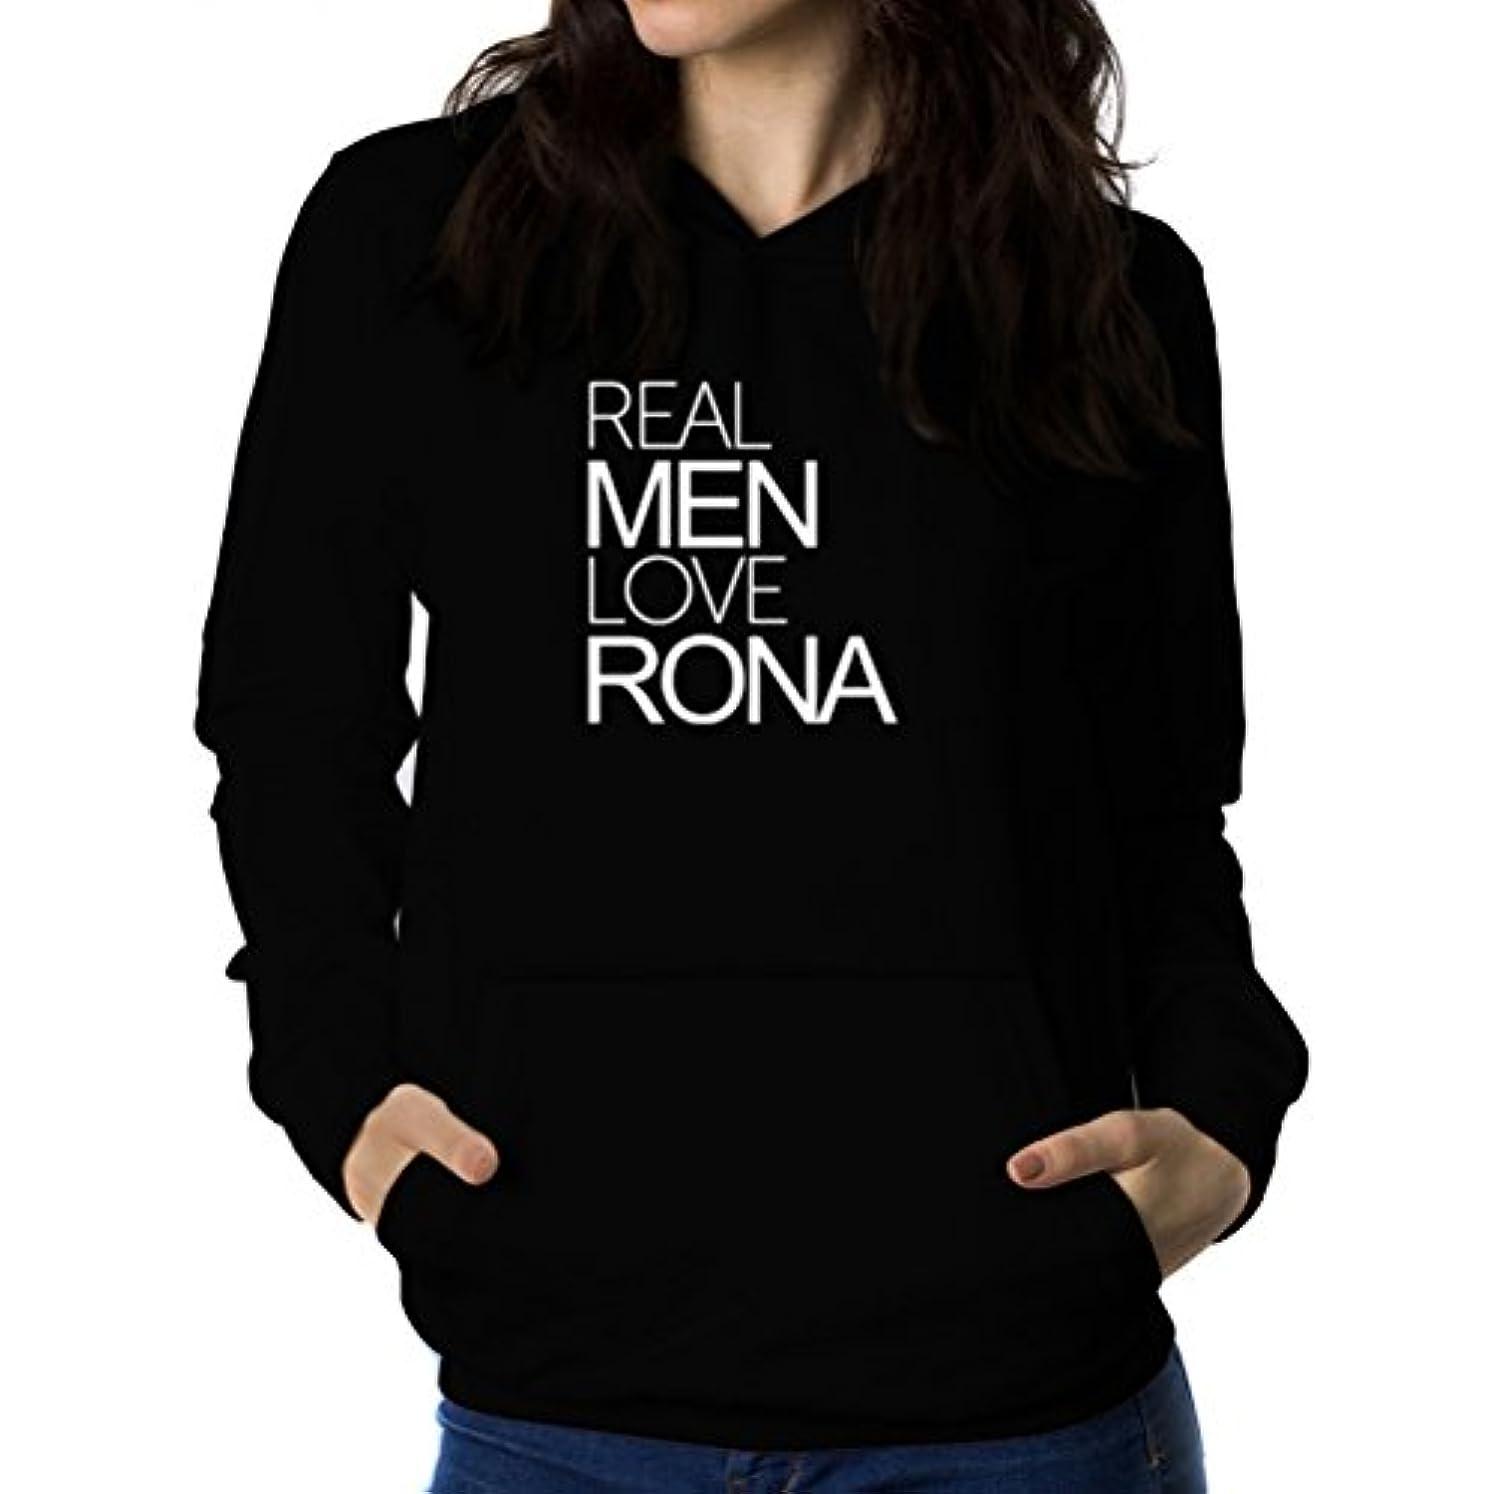 ラップトップ切断するフリースReal men love Rona 女性 フーディー